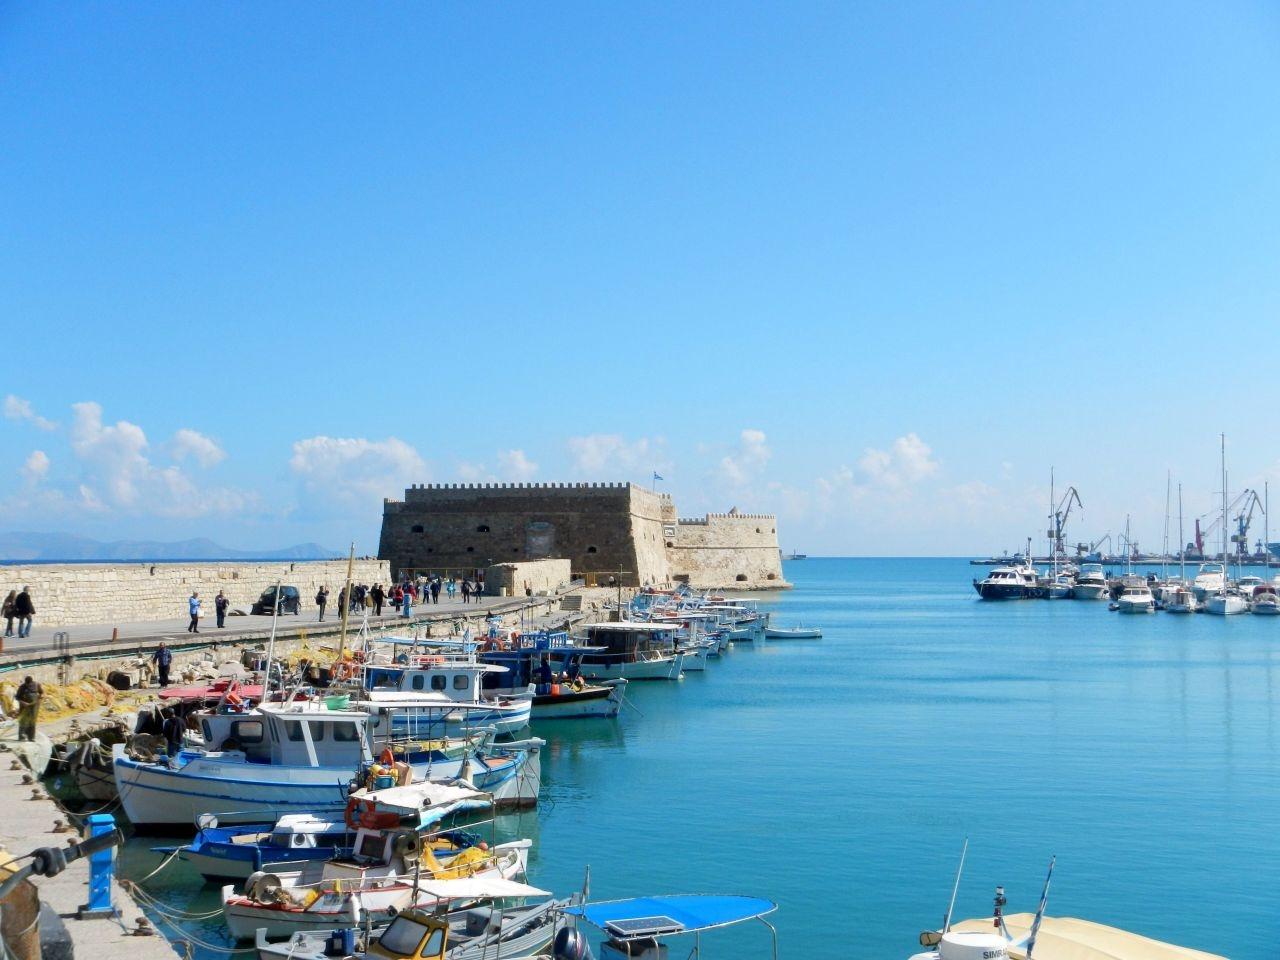 Giorno 4 - Creta (Heraklion) Grecia, Santorini Grecia